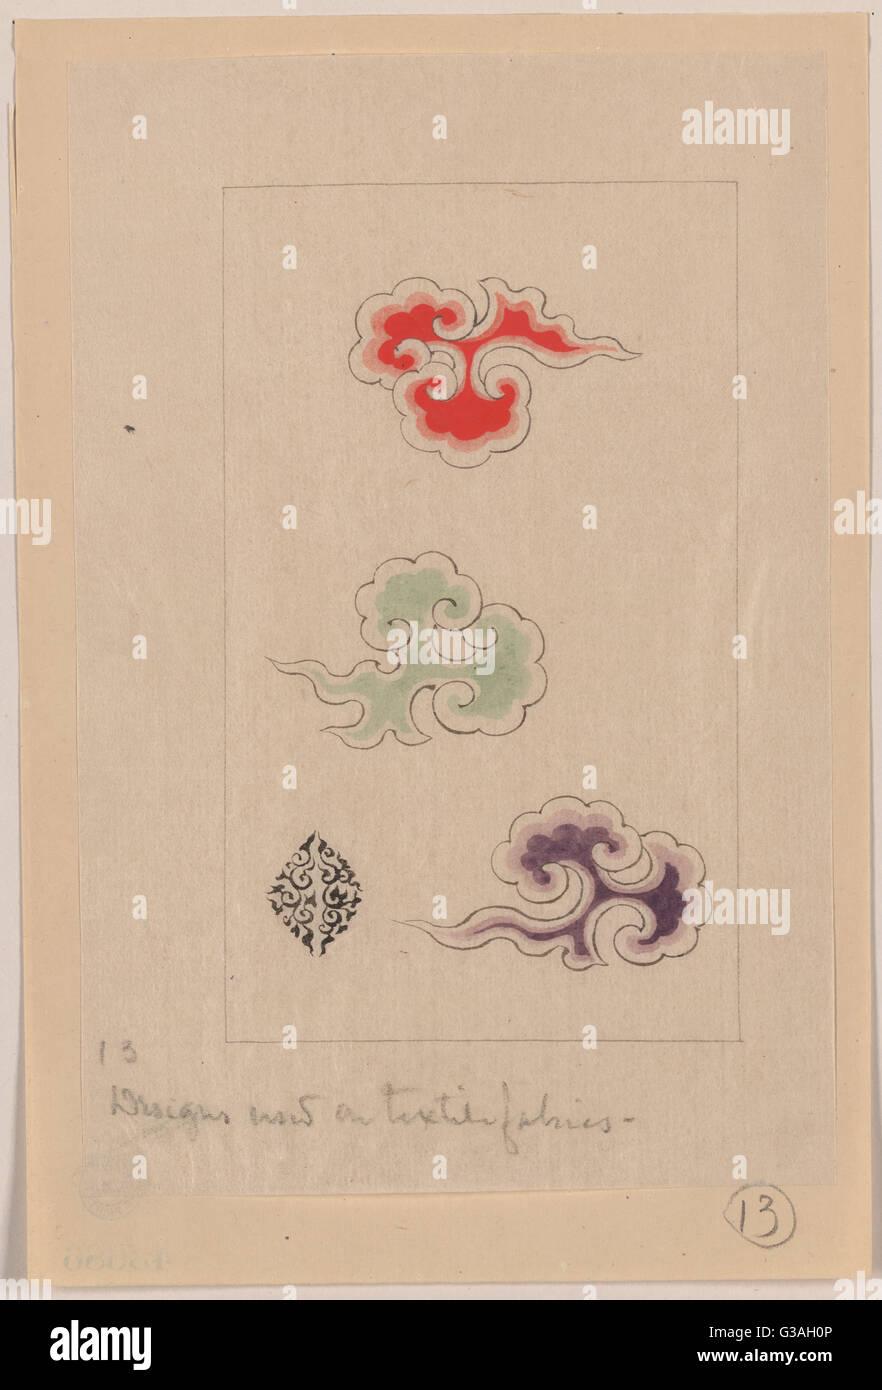 Progetta ora su tessuti tessili. Data 1878?. Immagini Stock